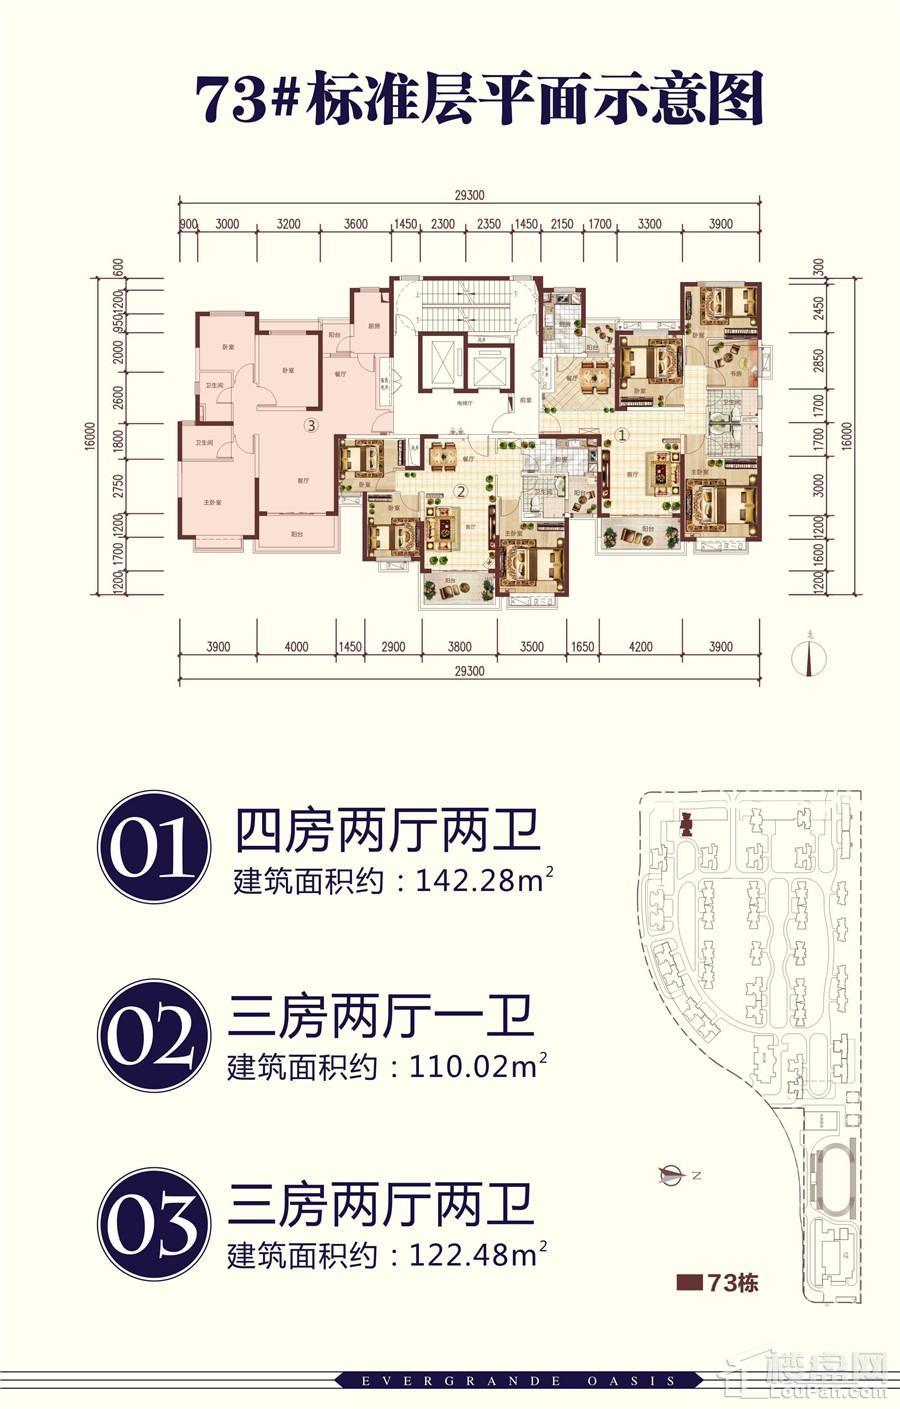 南宁恒大绿洲73#楼平面户型图